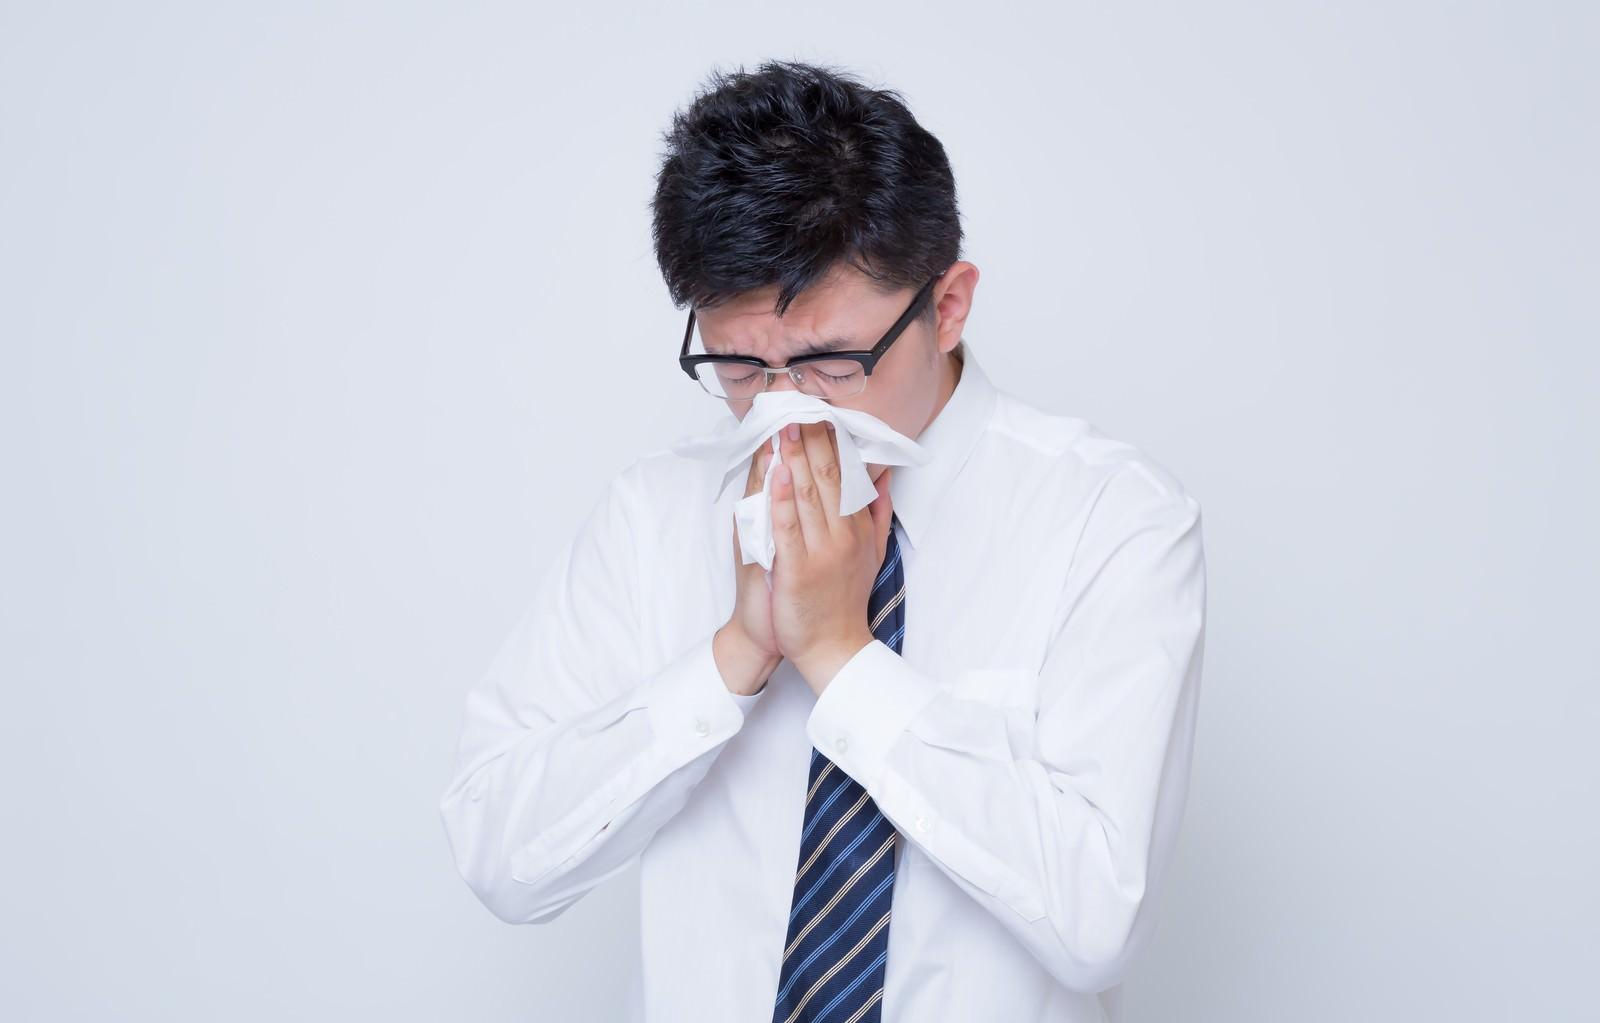 「花粉症で鼻をかむ男性花粉症で鼻をかむ男性」[モデル:OZPA]のフリー写真素材を拡大